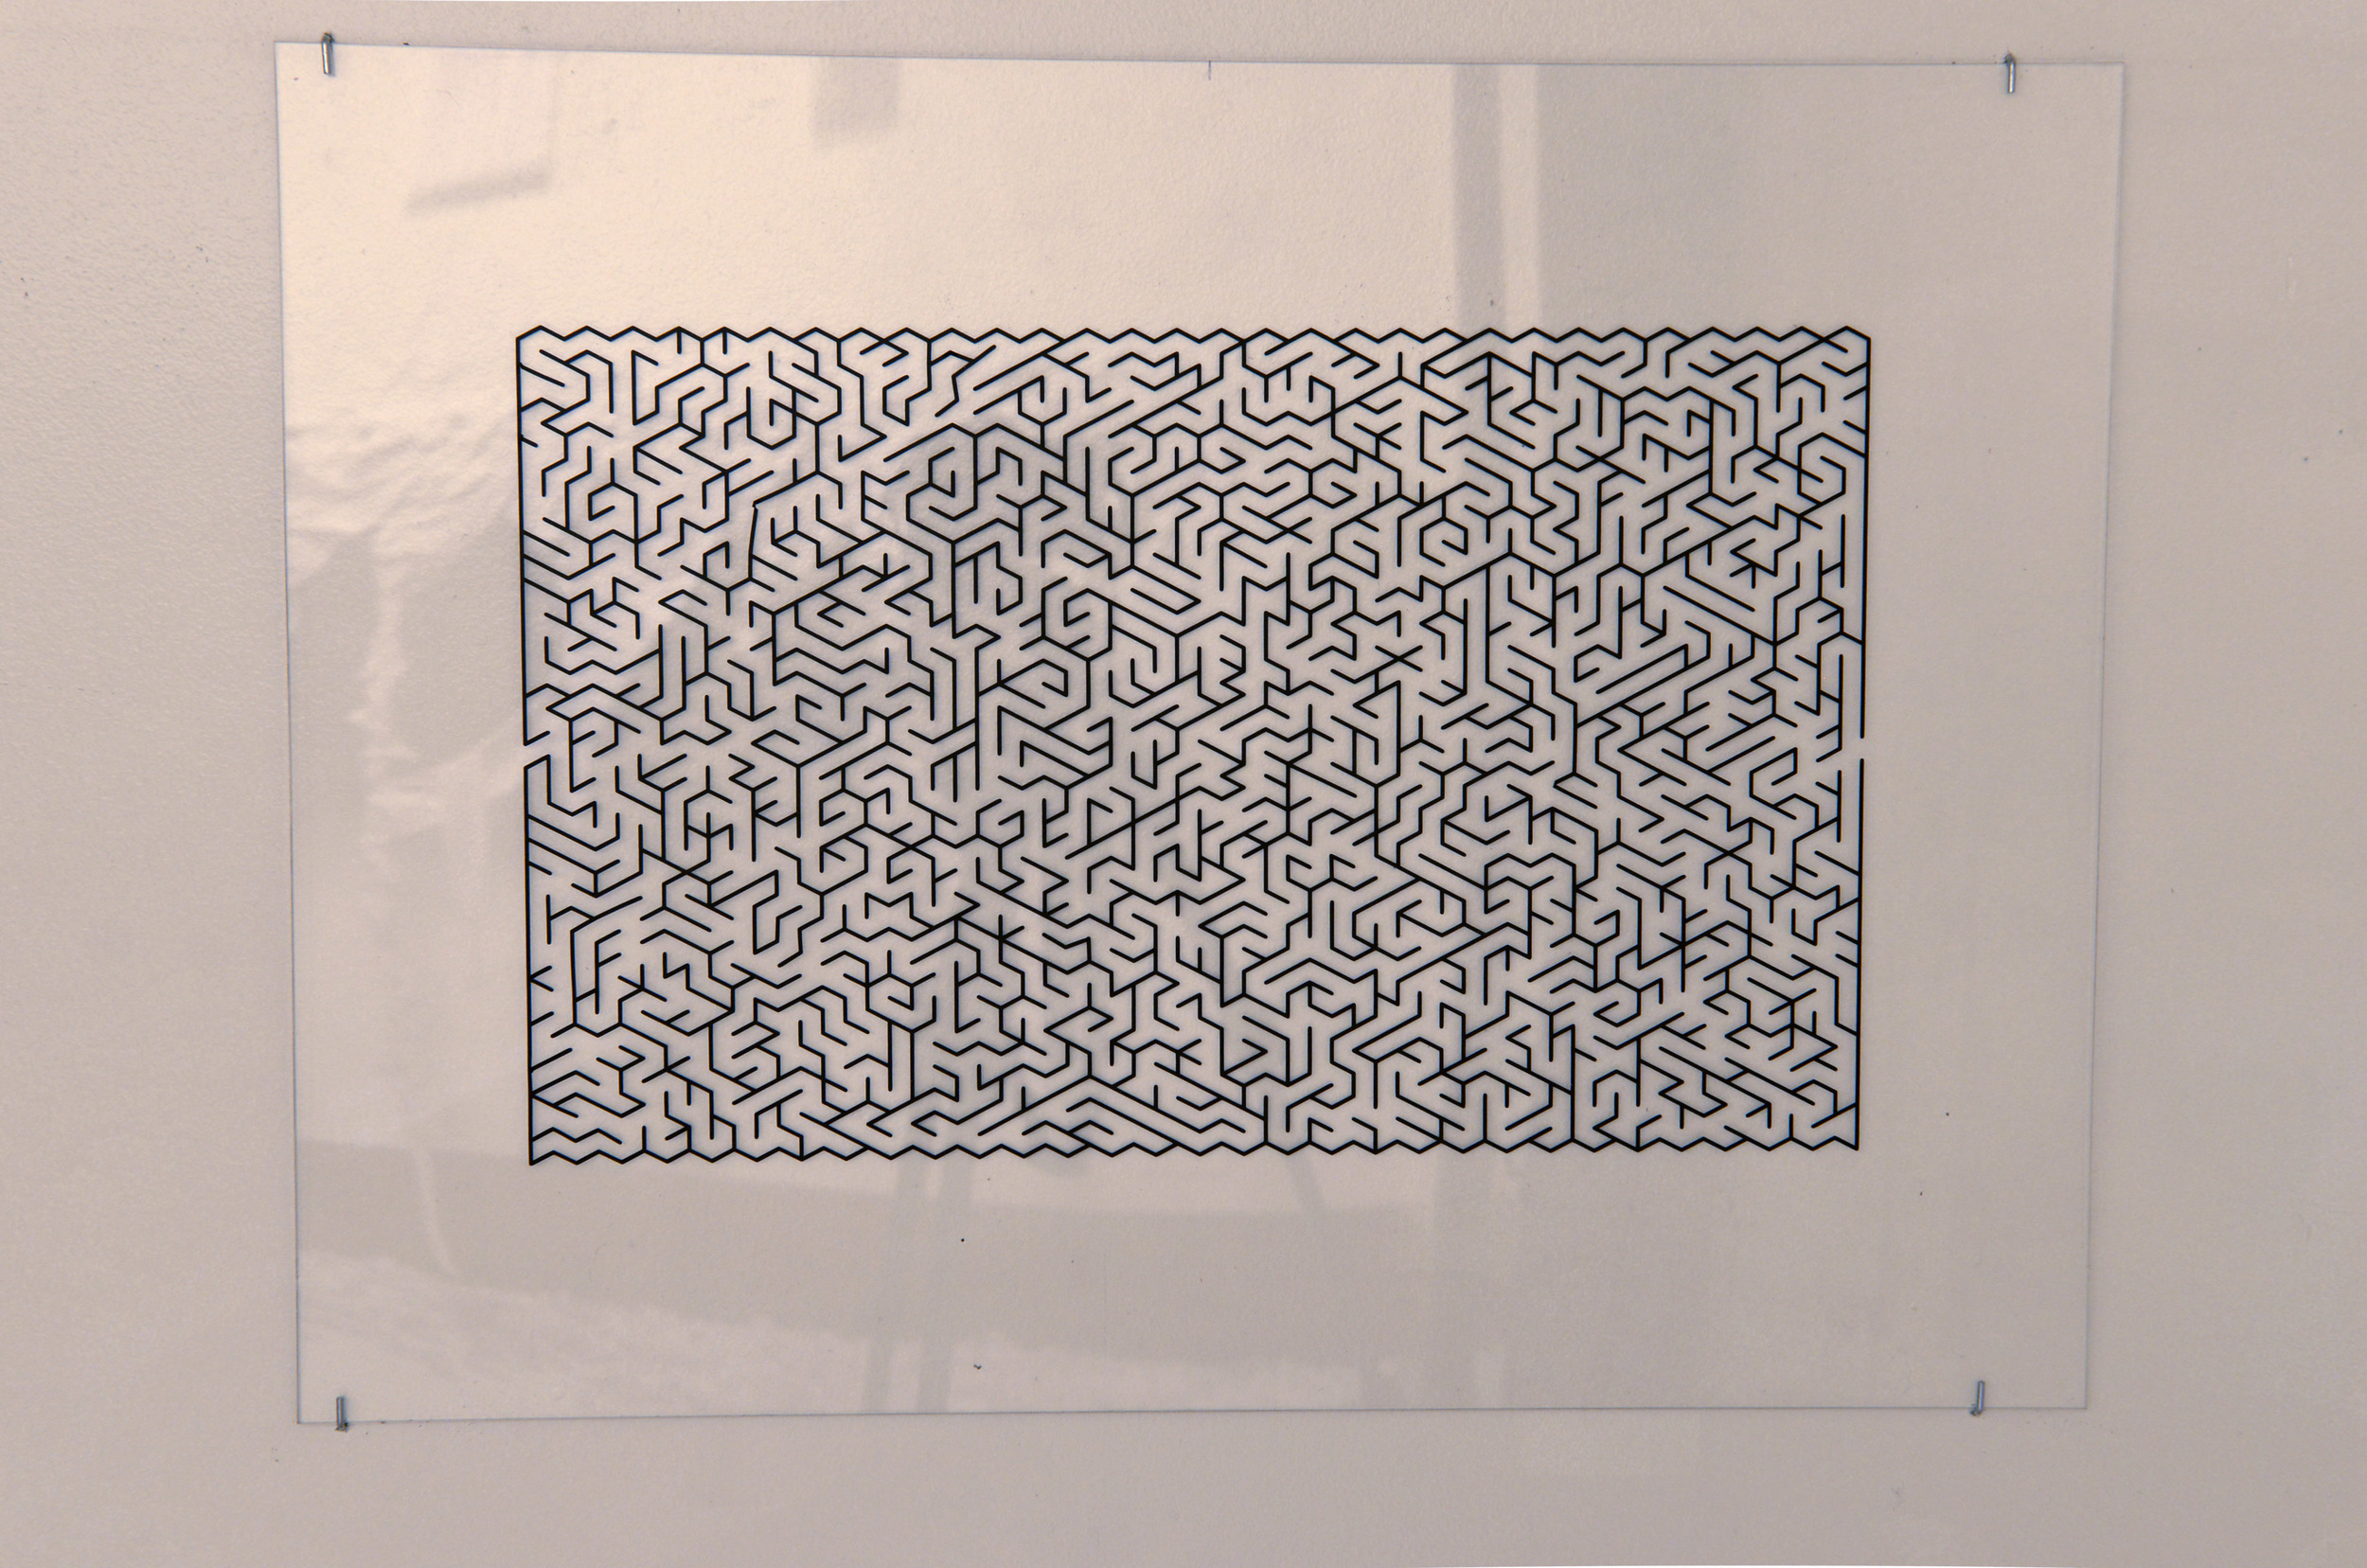 Maze 1. Vinyl on plexi-glass. 18x24. Price upon request.